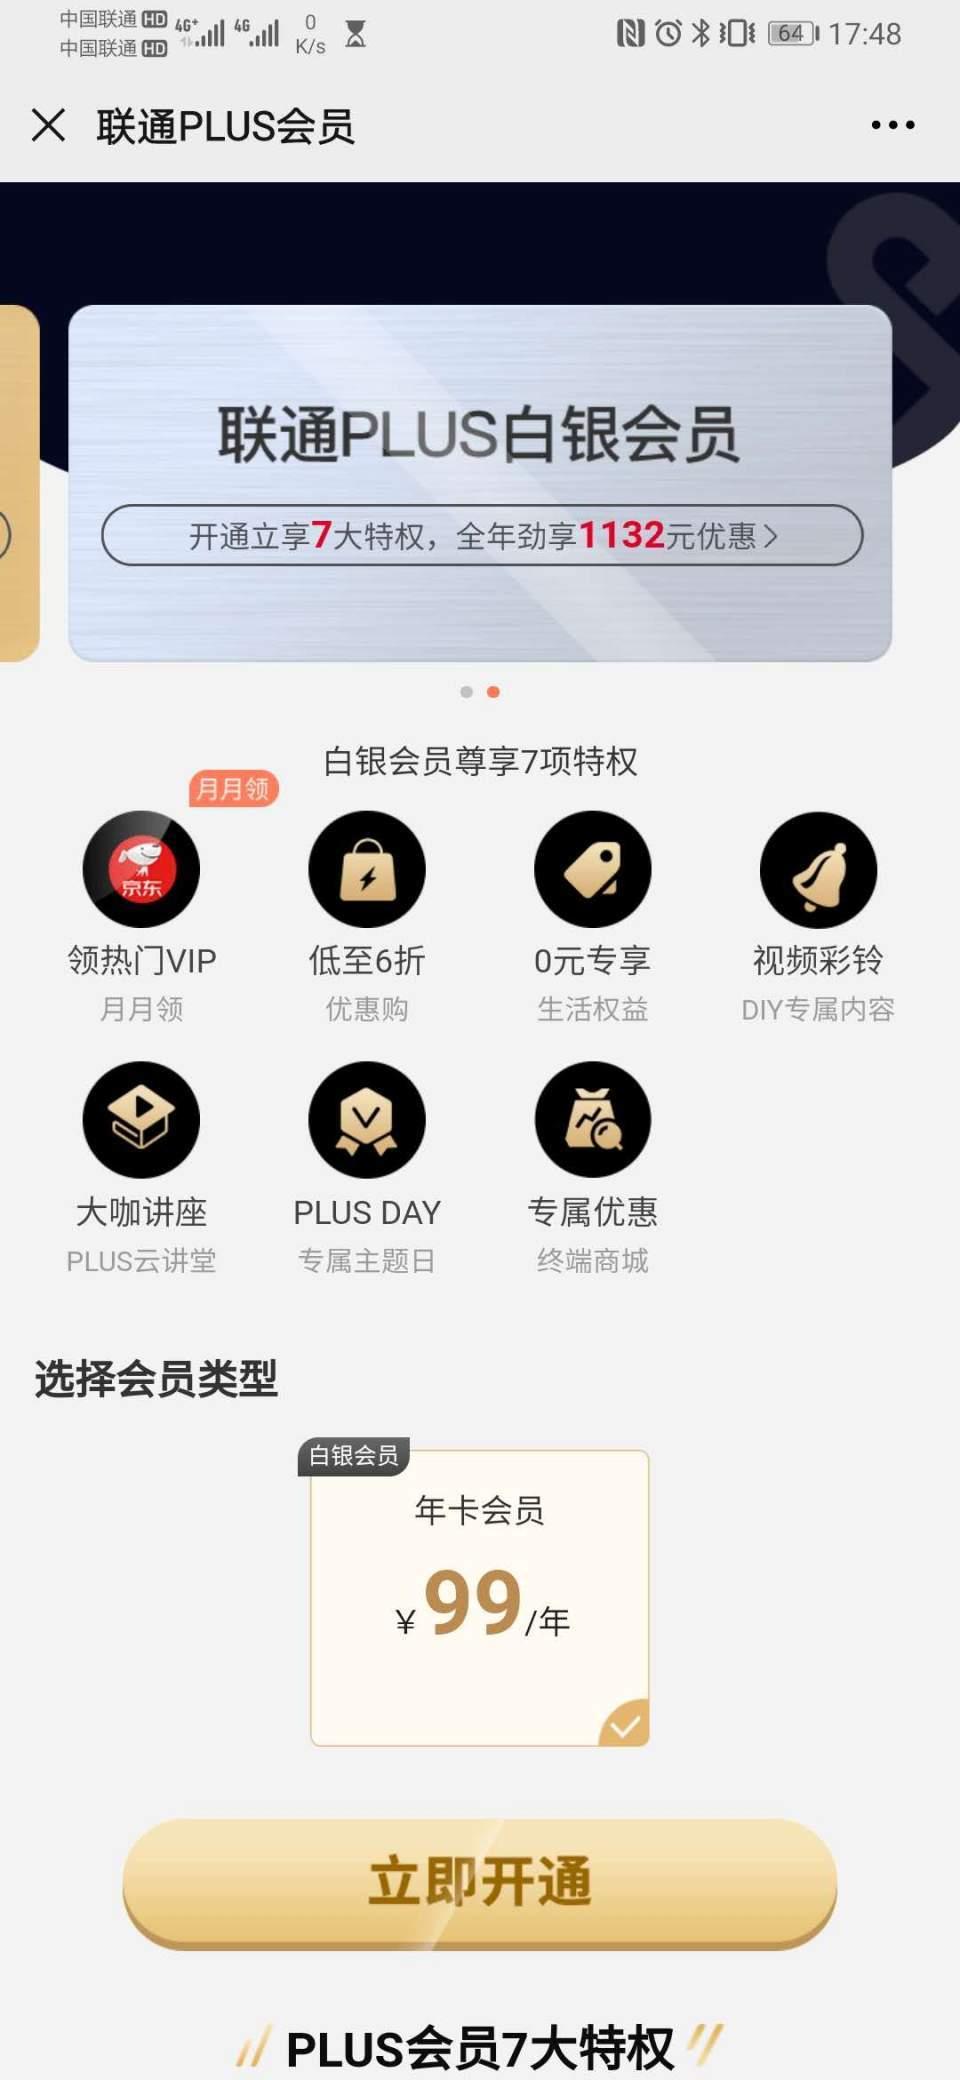 最低99元升級中國聯通PLUS會員 四大優勢打造專屬會員服務